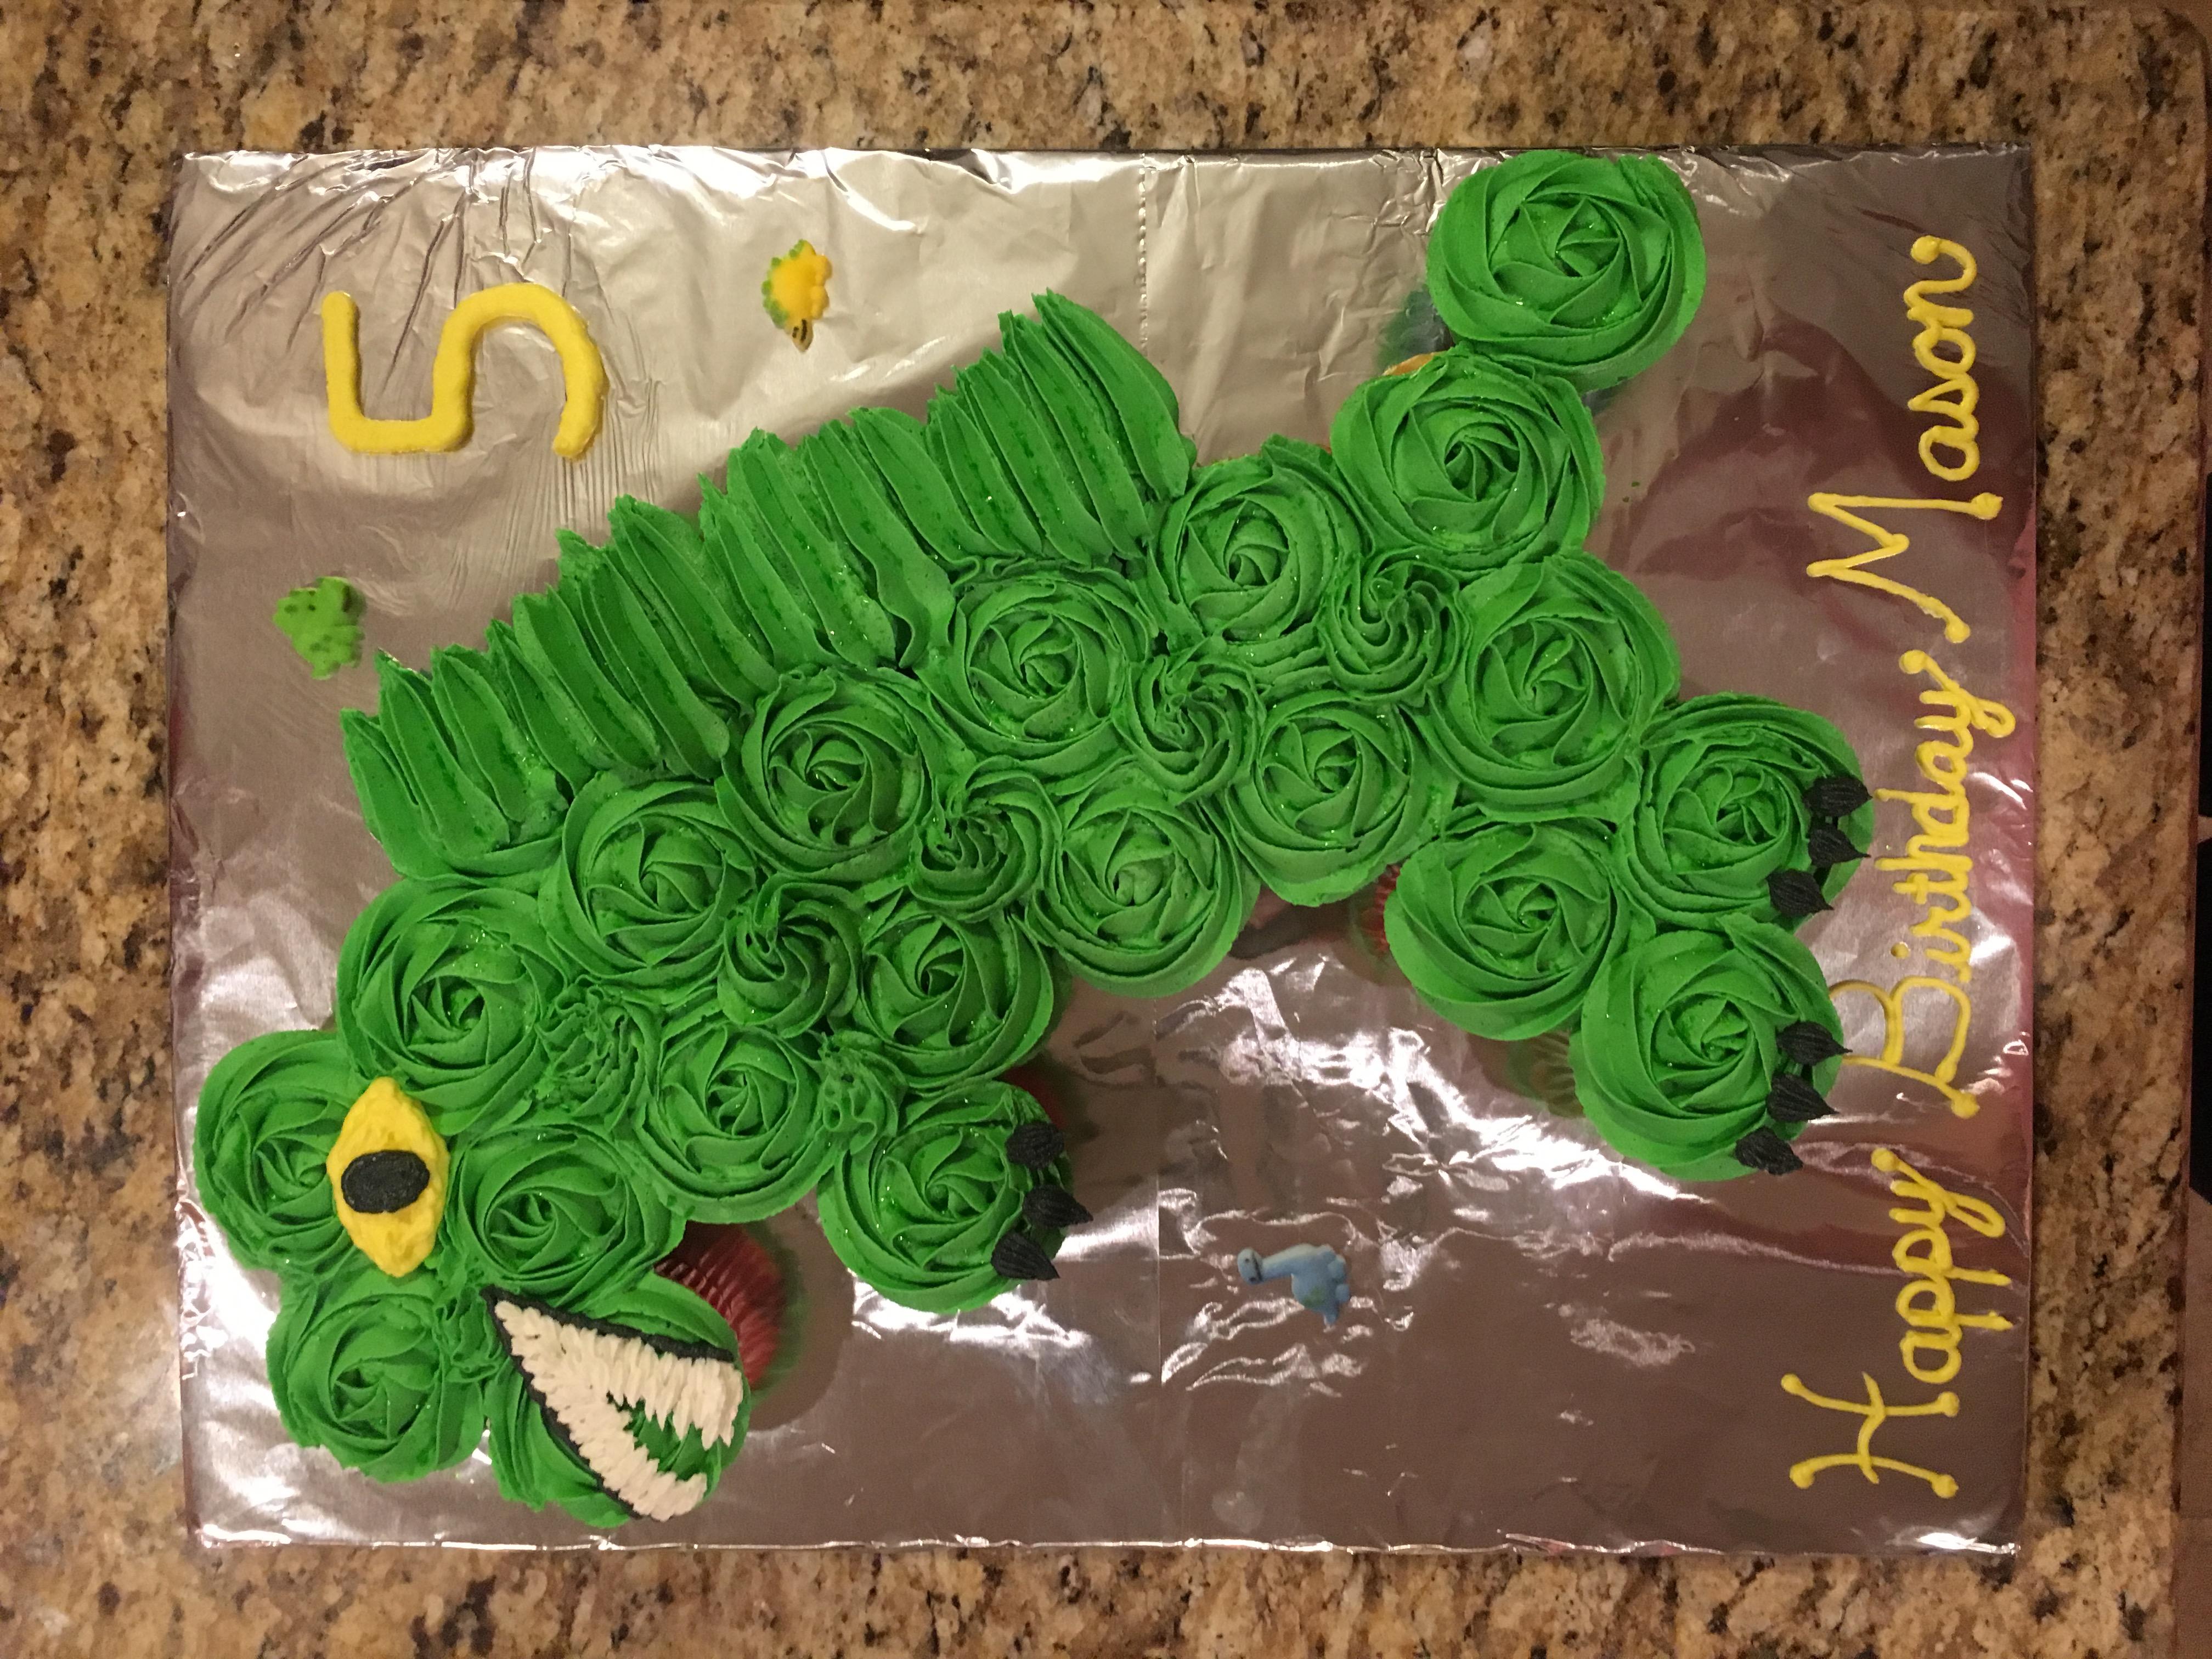 Dinosaur (Green)